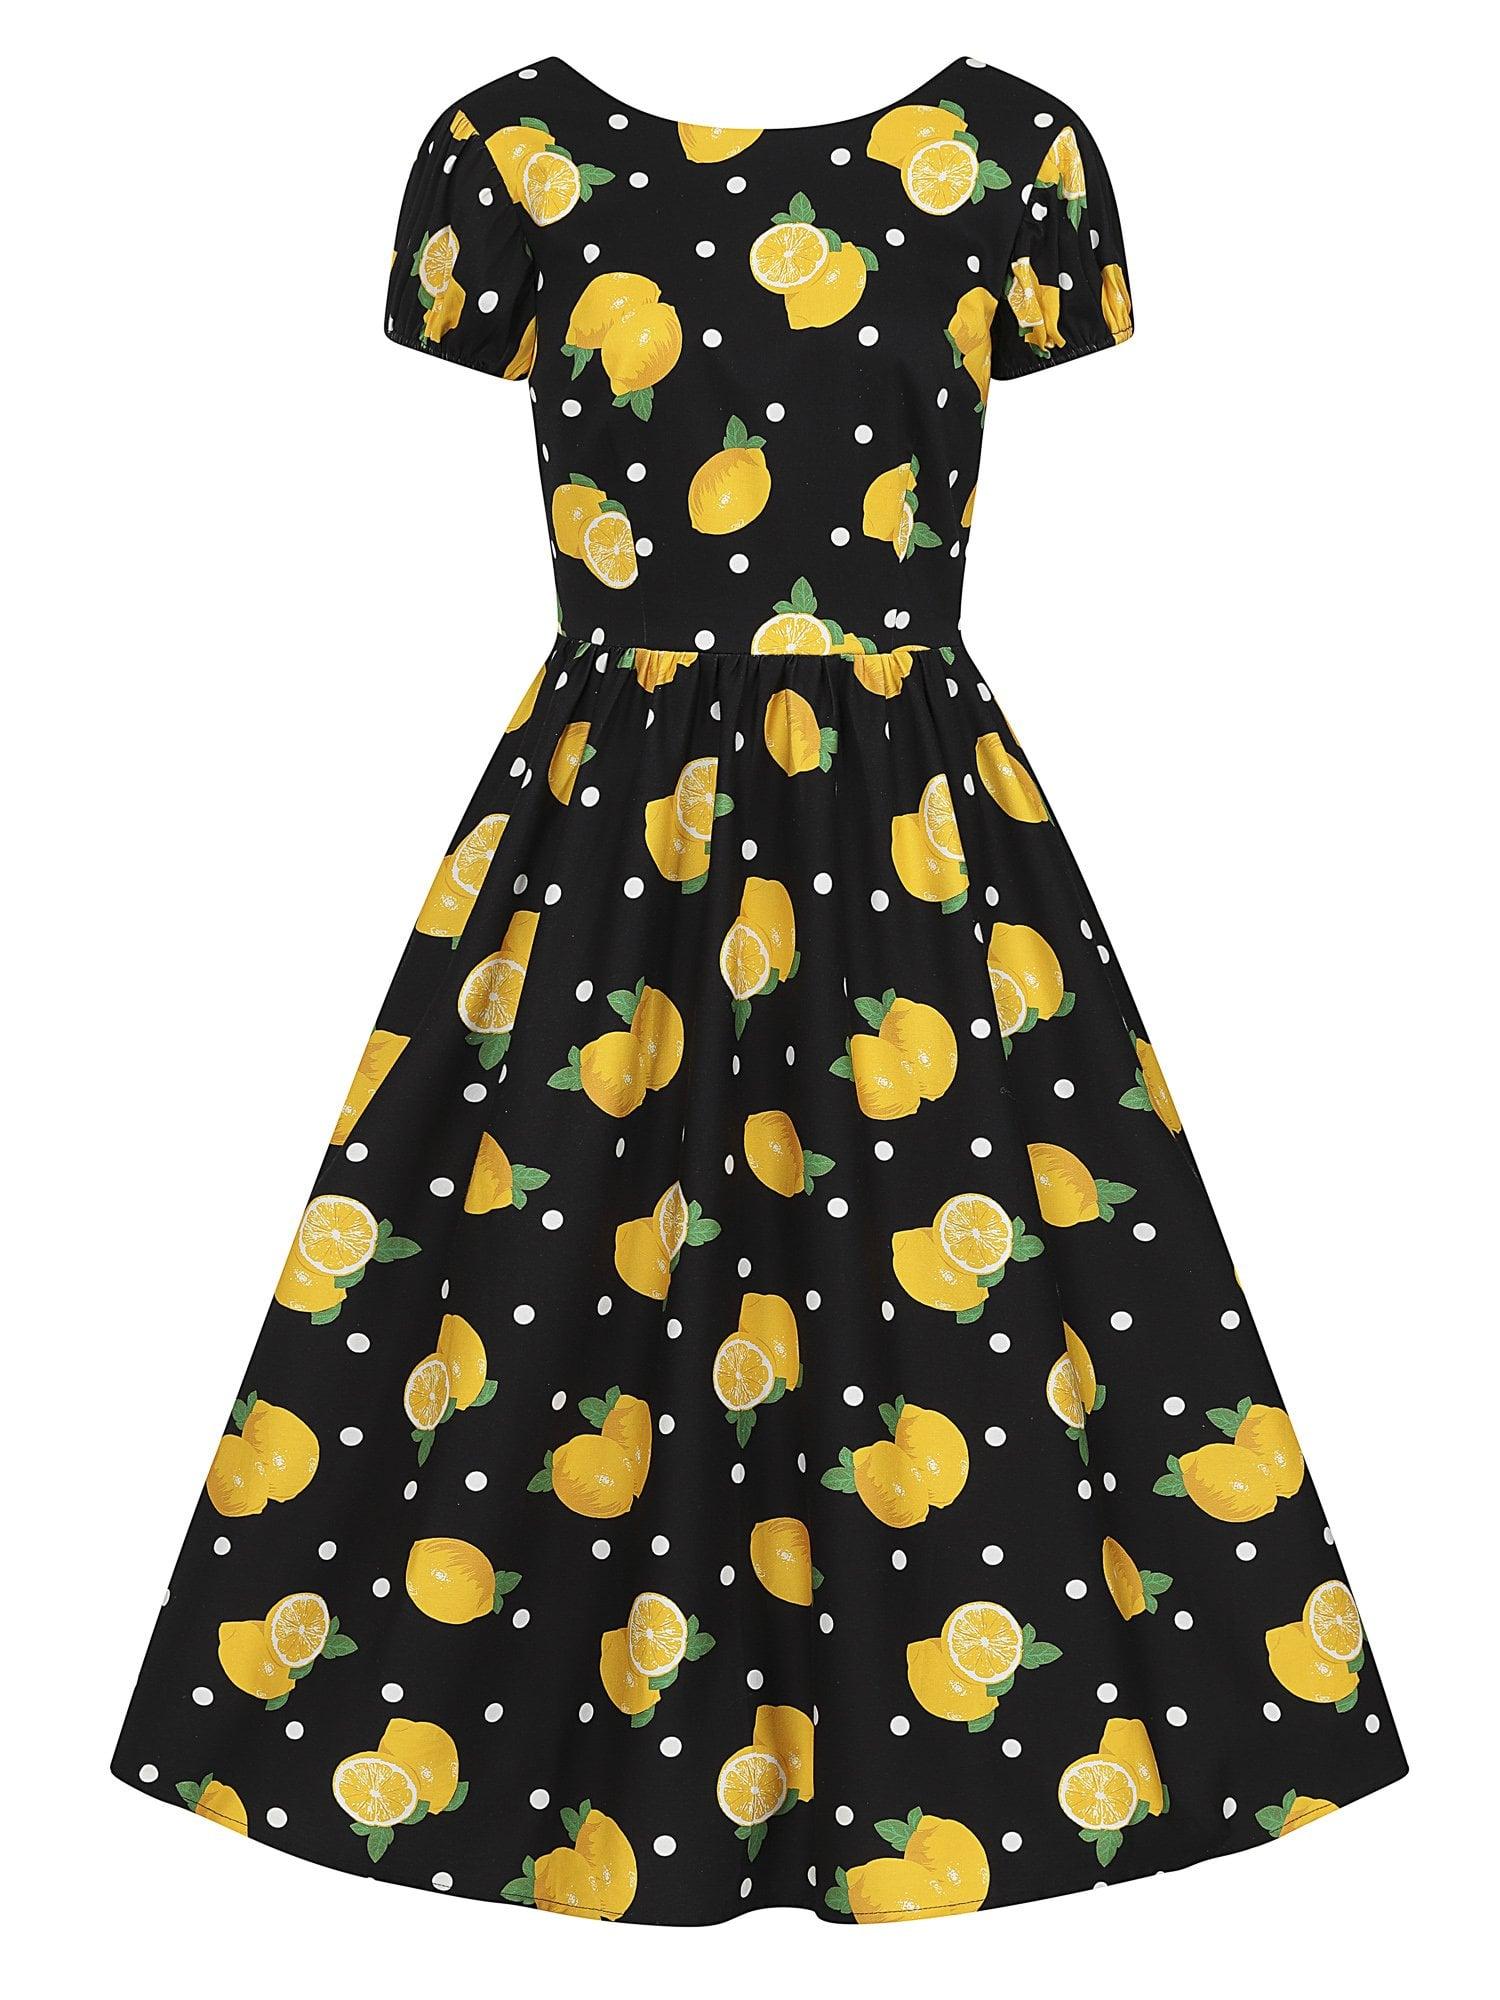 Funky Lemons %26 polka dots vintage φόρεμα